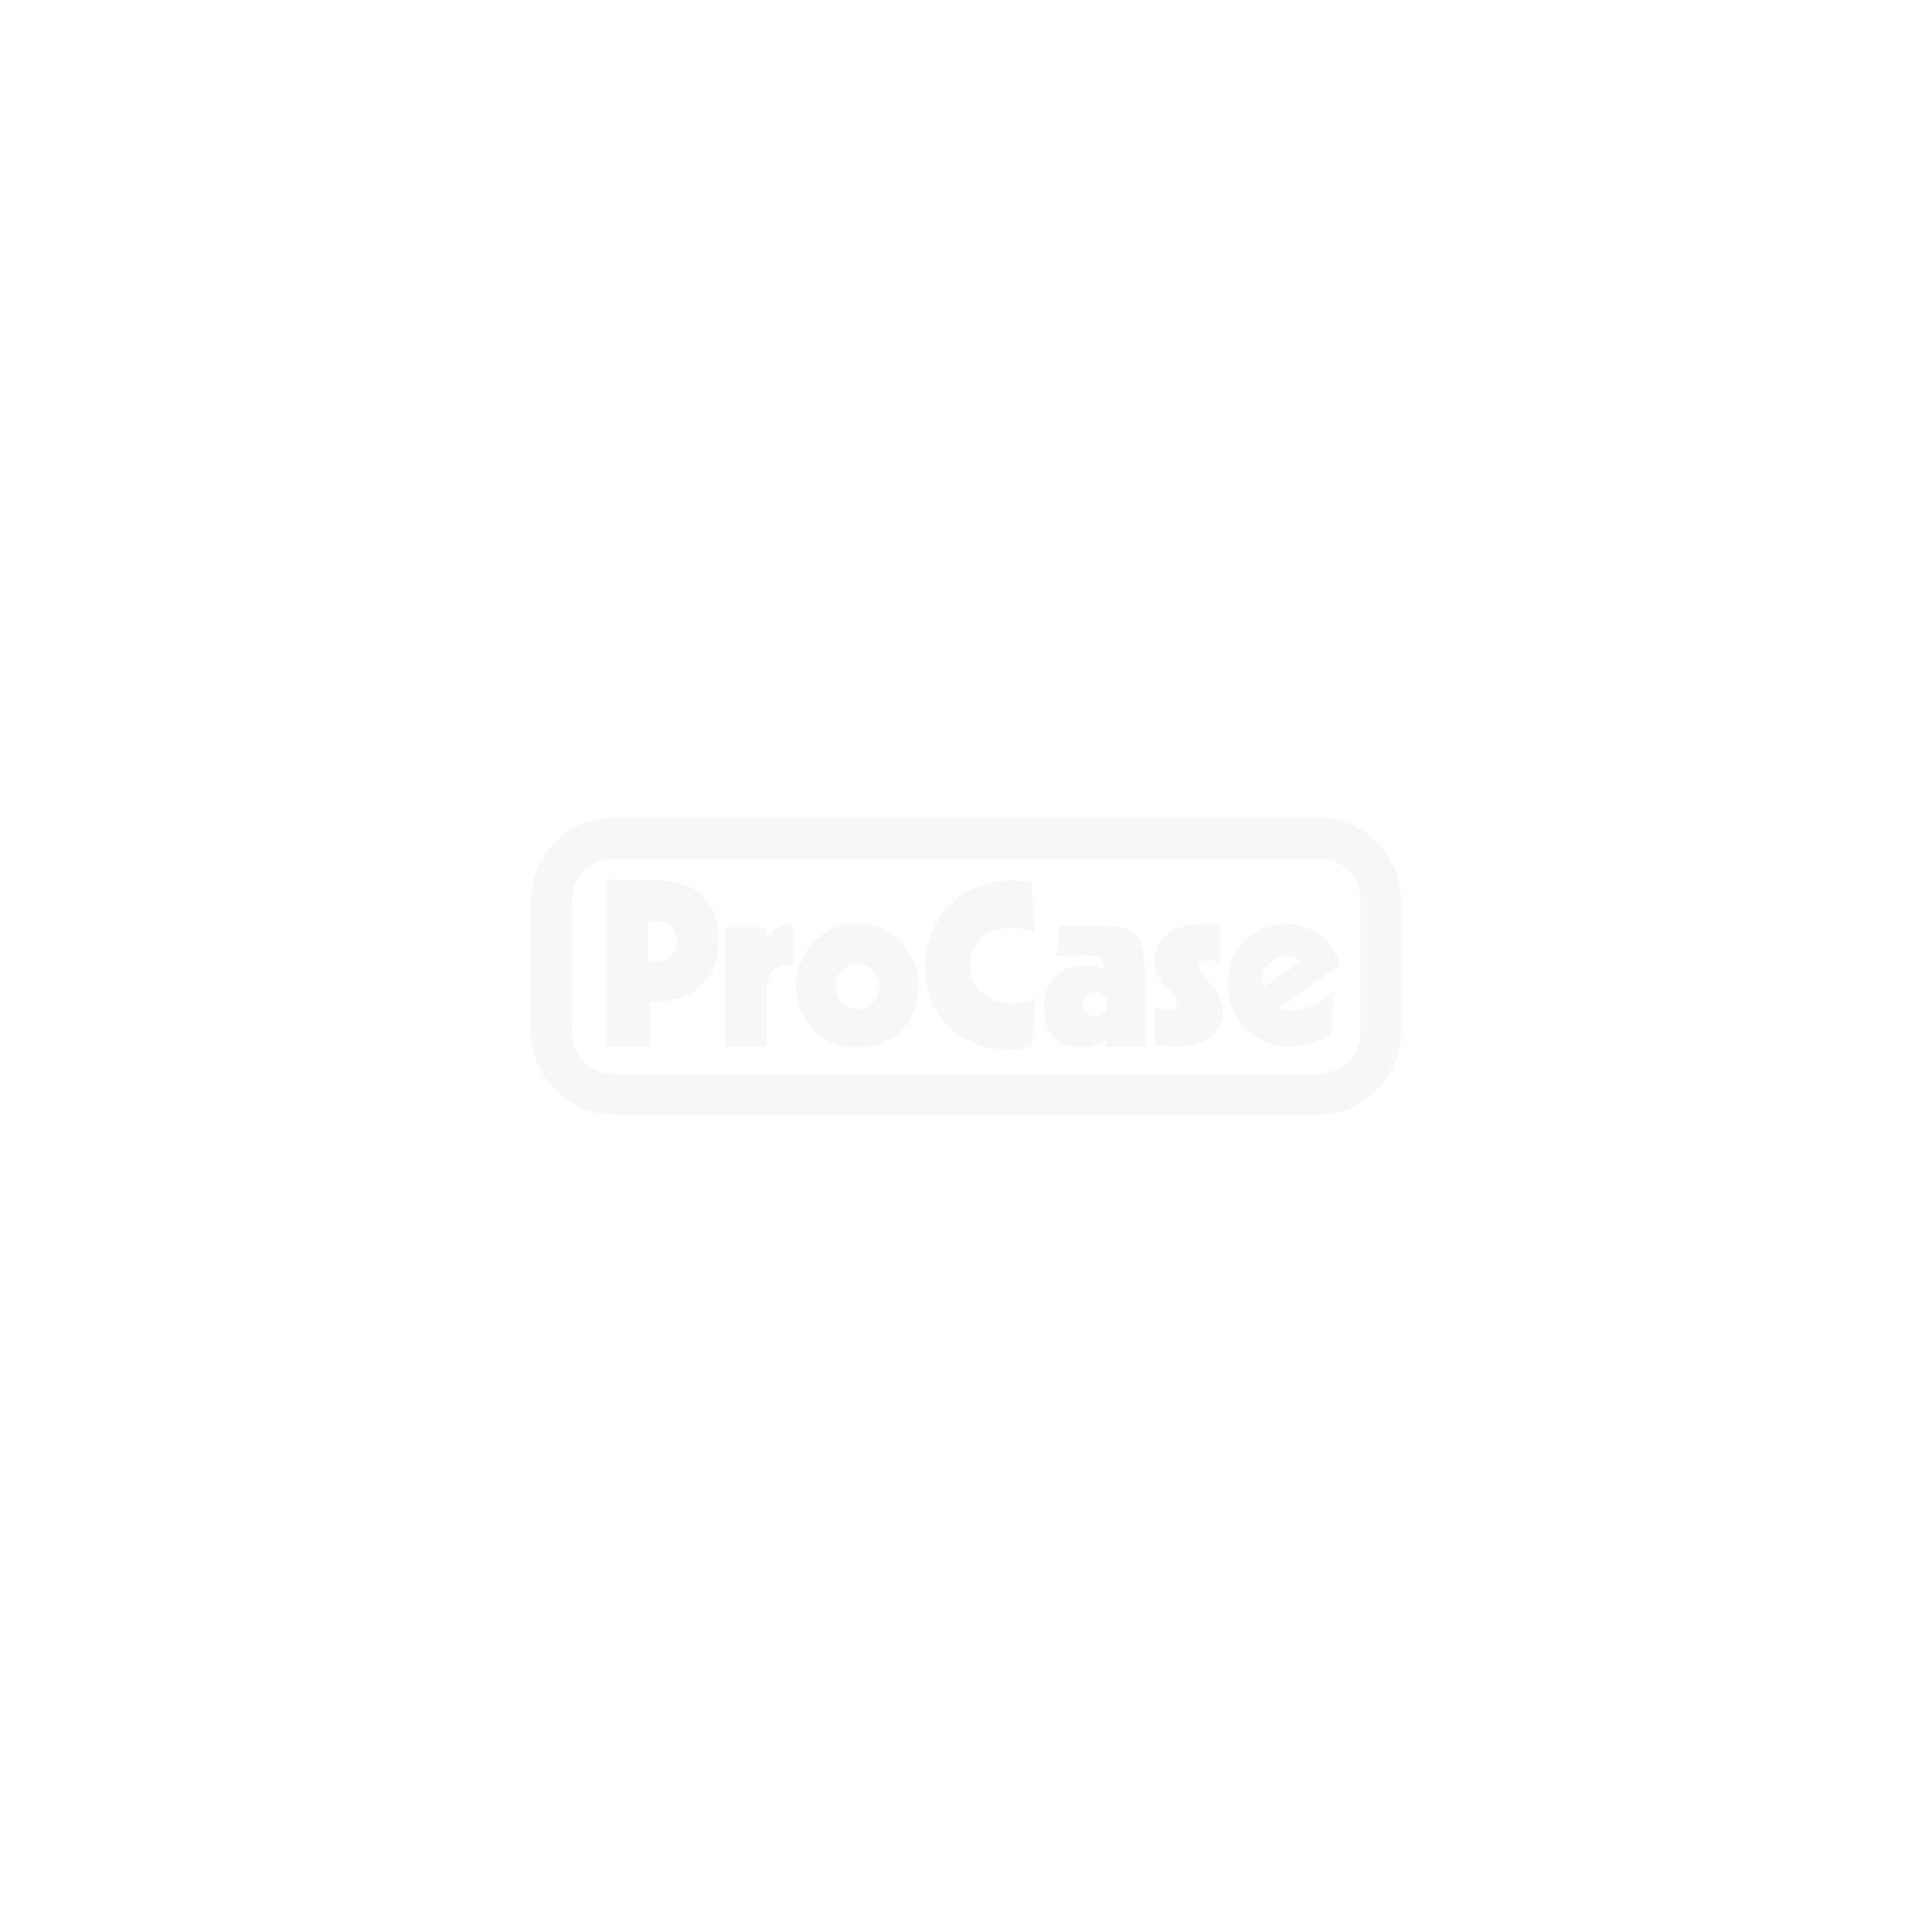 Schaumeinlage für 4 AKG DHT 700 und Ansteckmikrofone